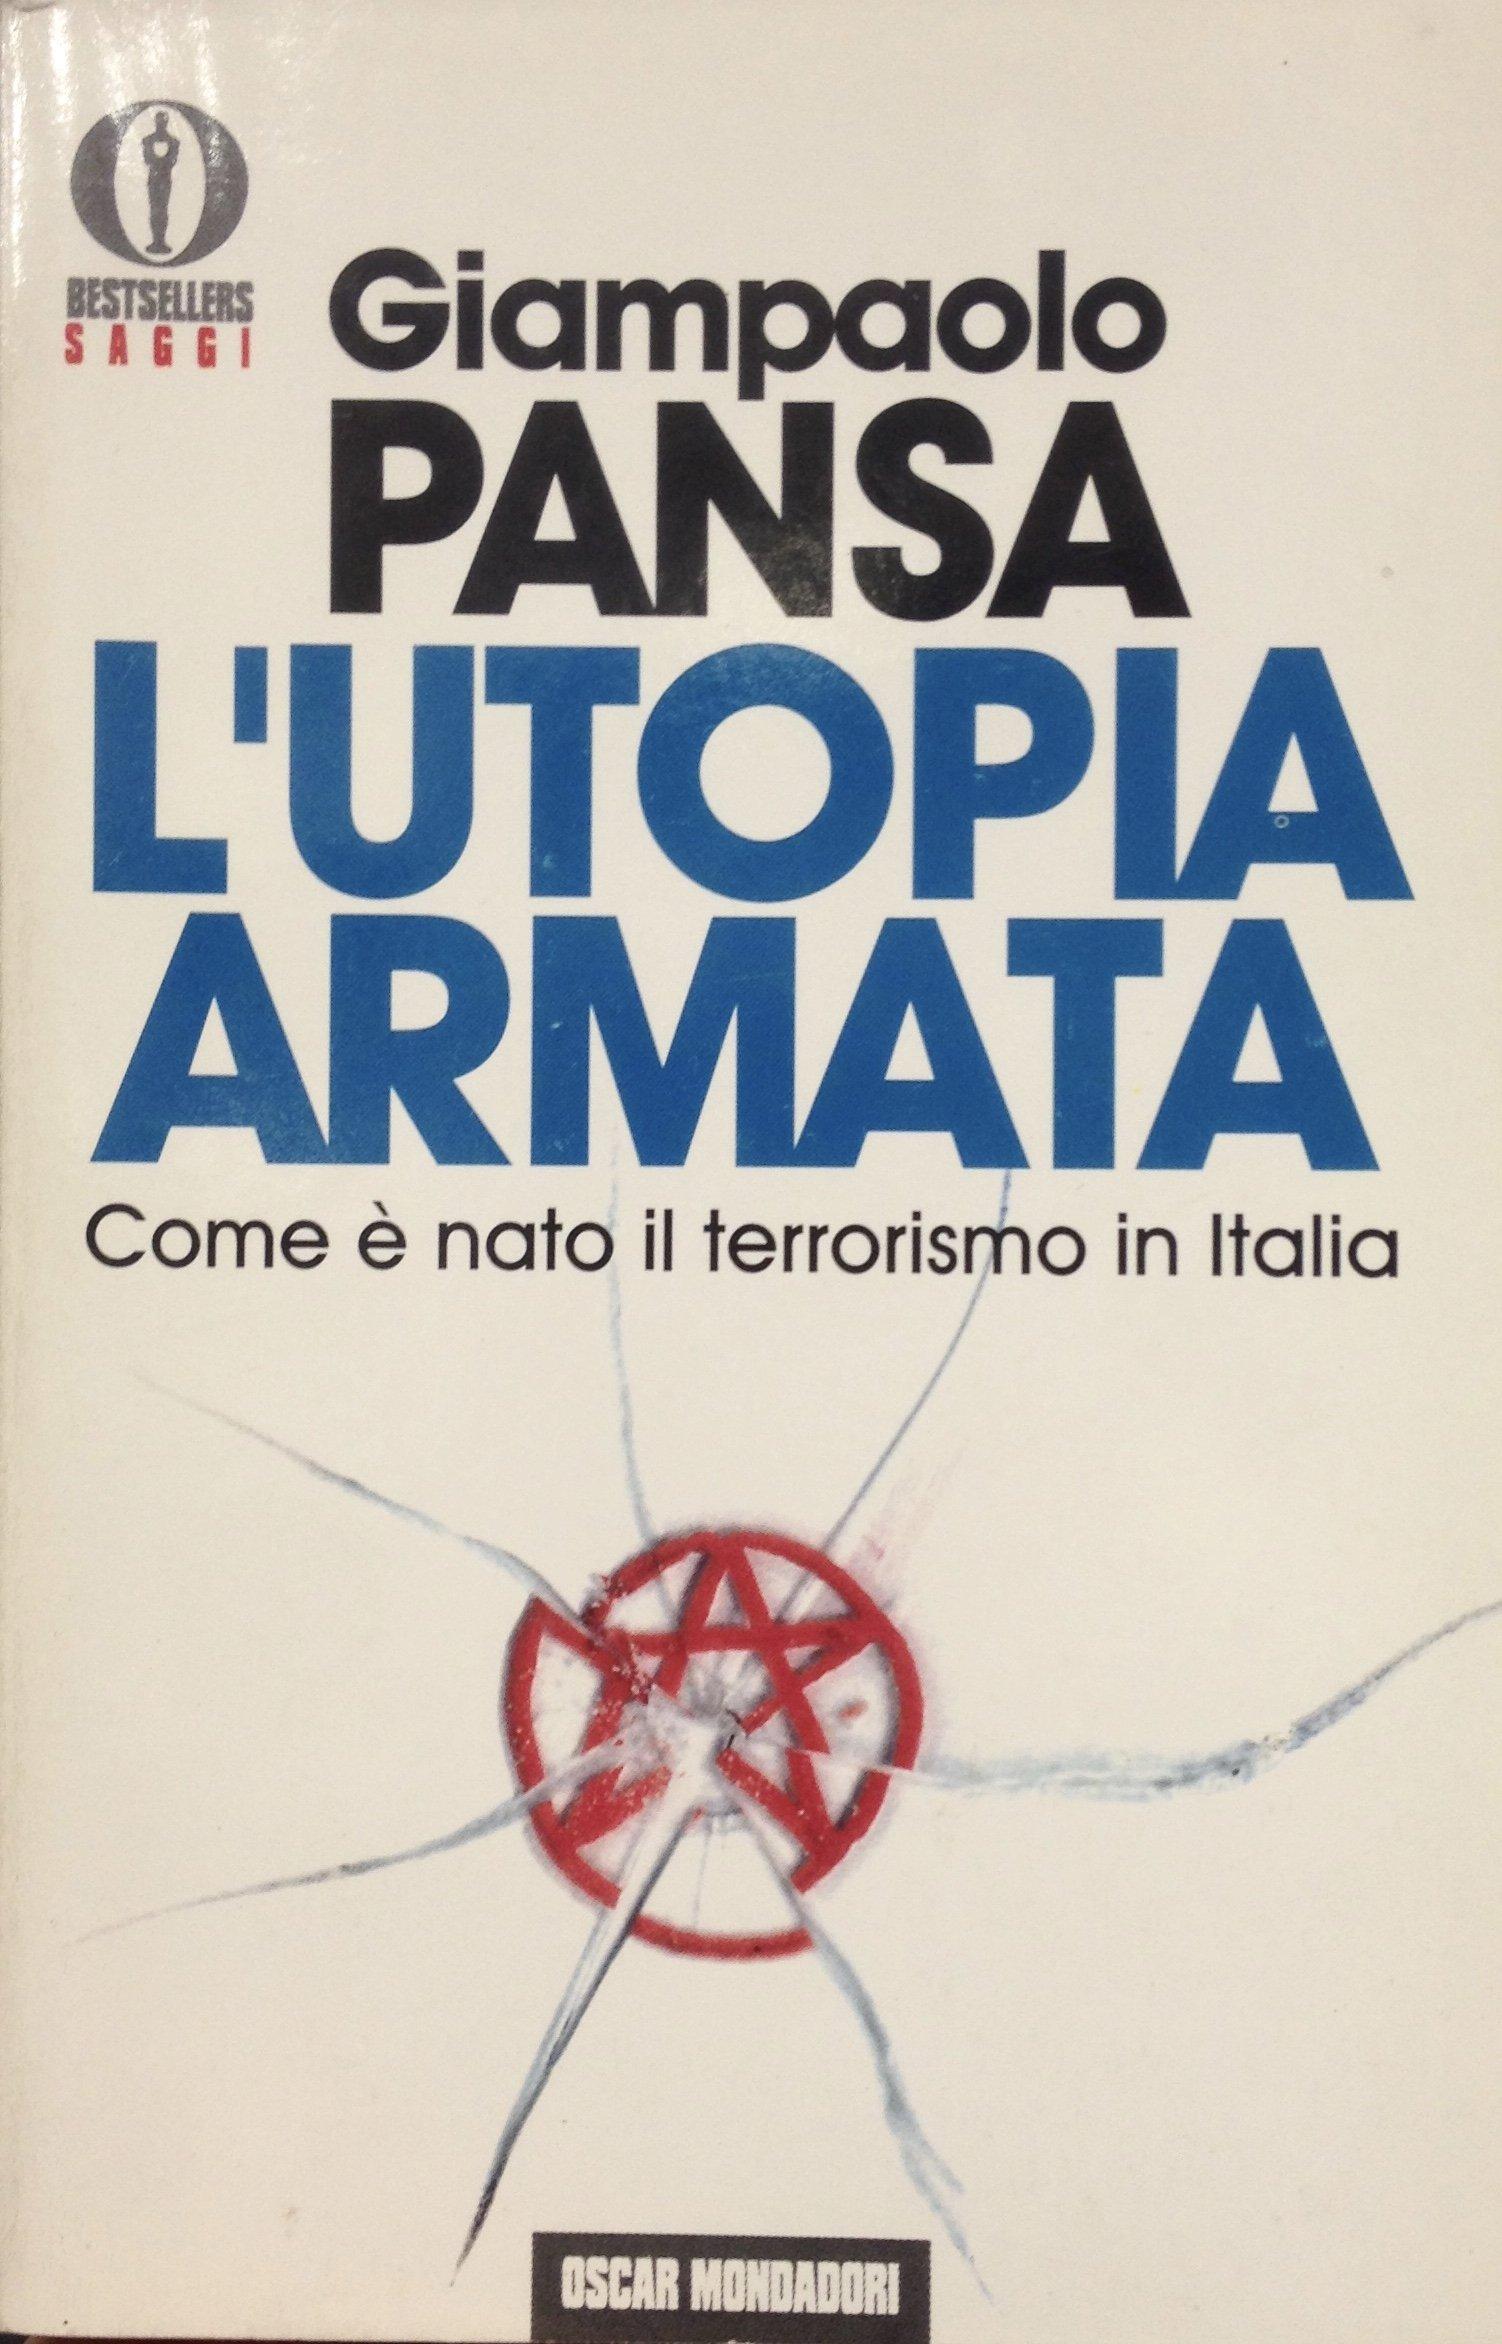 L'utopia armata: Come è nato il terrorismo in Italia